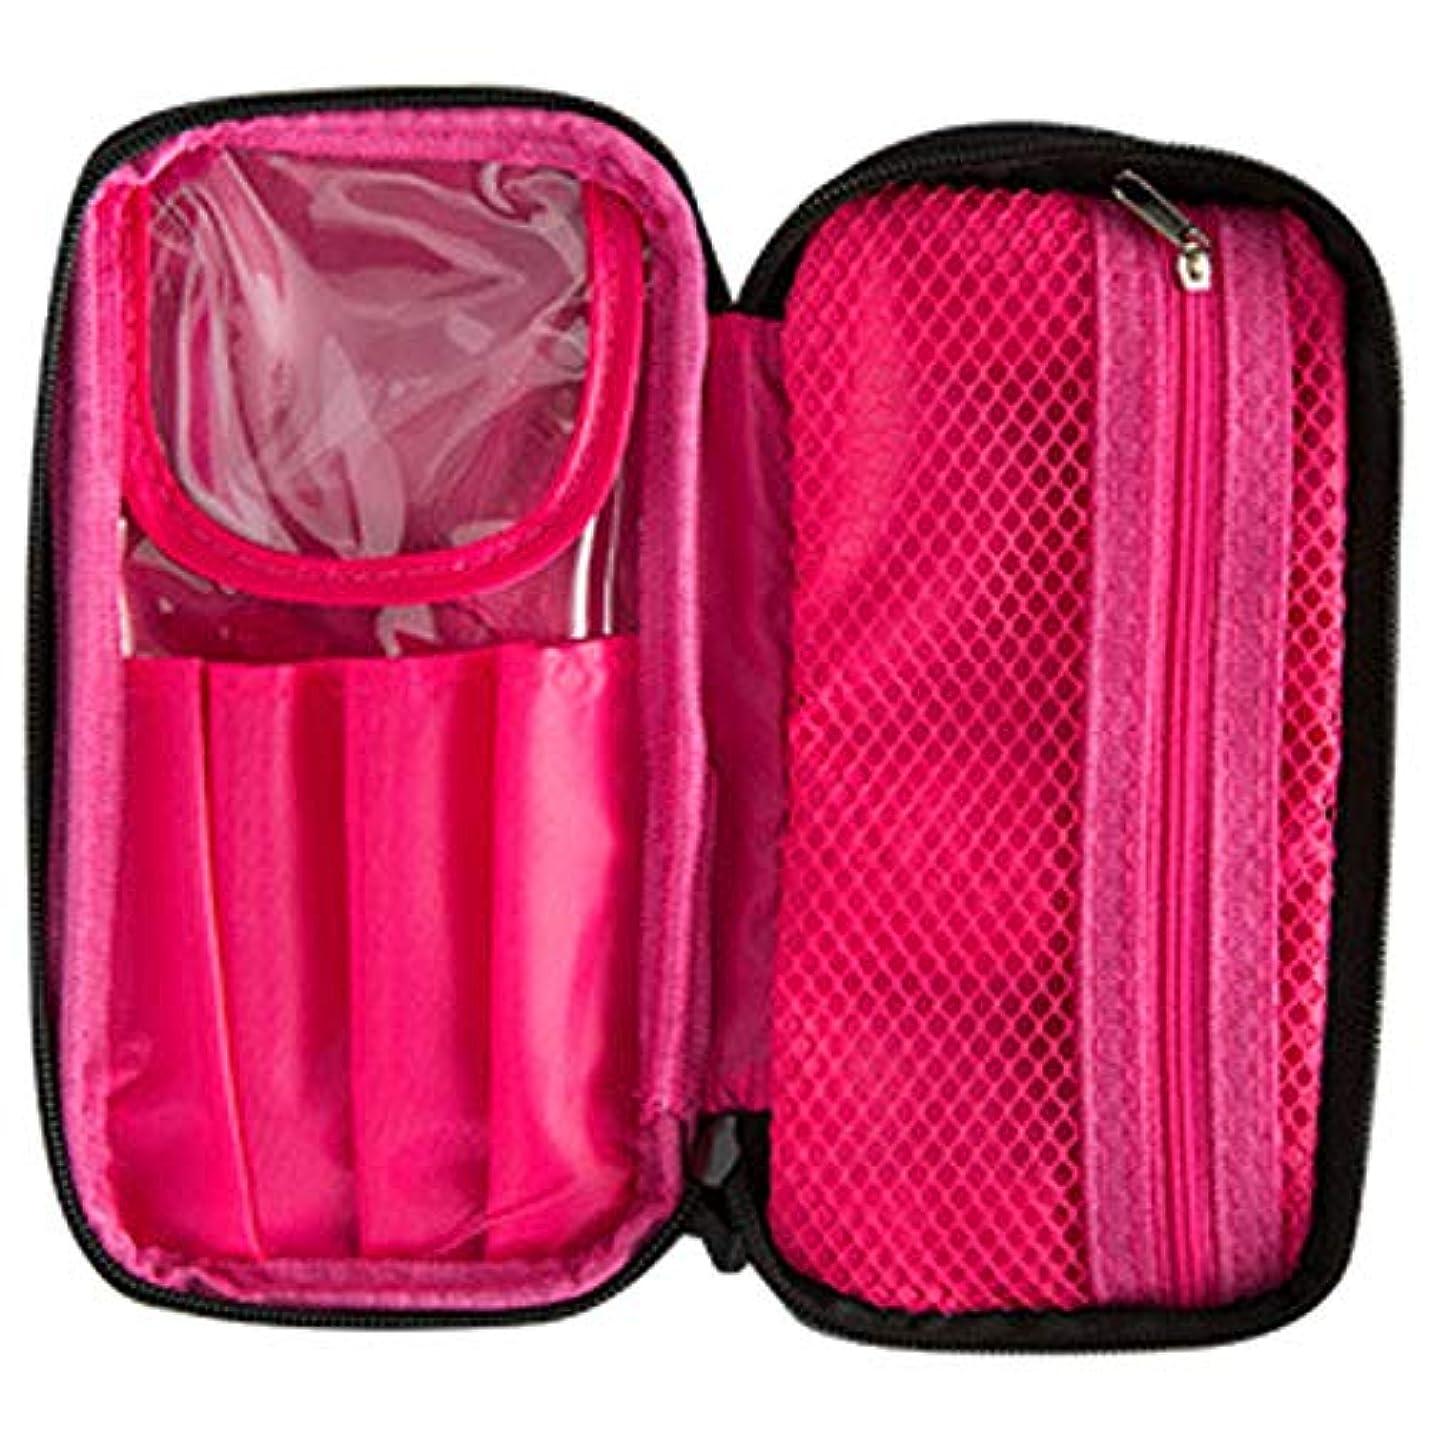 [RADISSY] コスメポーチ 大容量 化粧ポーチ メイクポーチ 持ち運び 可愛い ブラシケース付 (内ピンク)